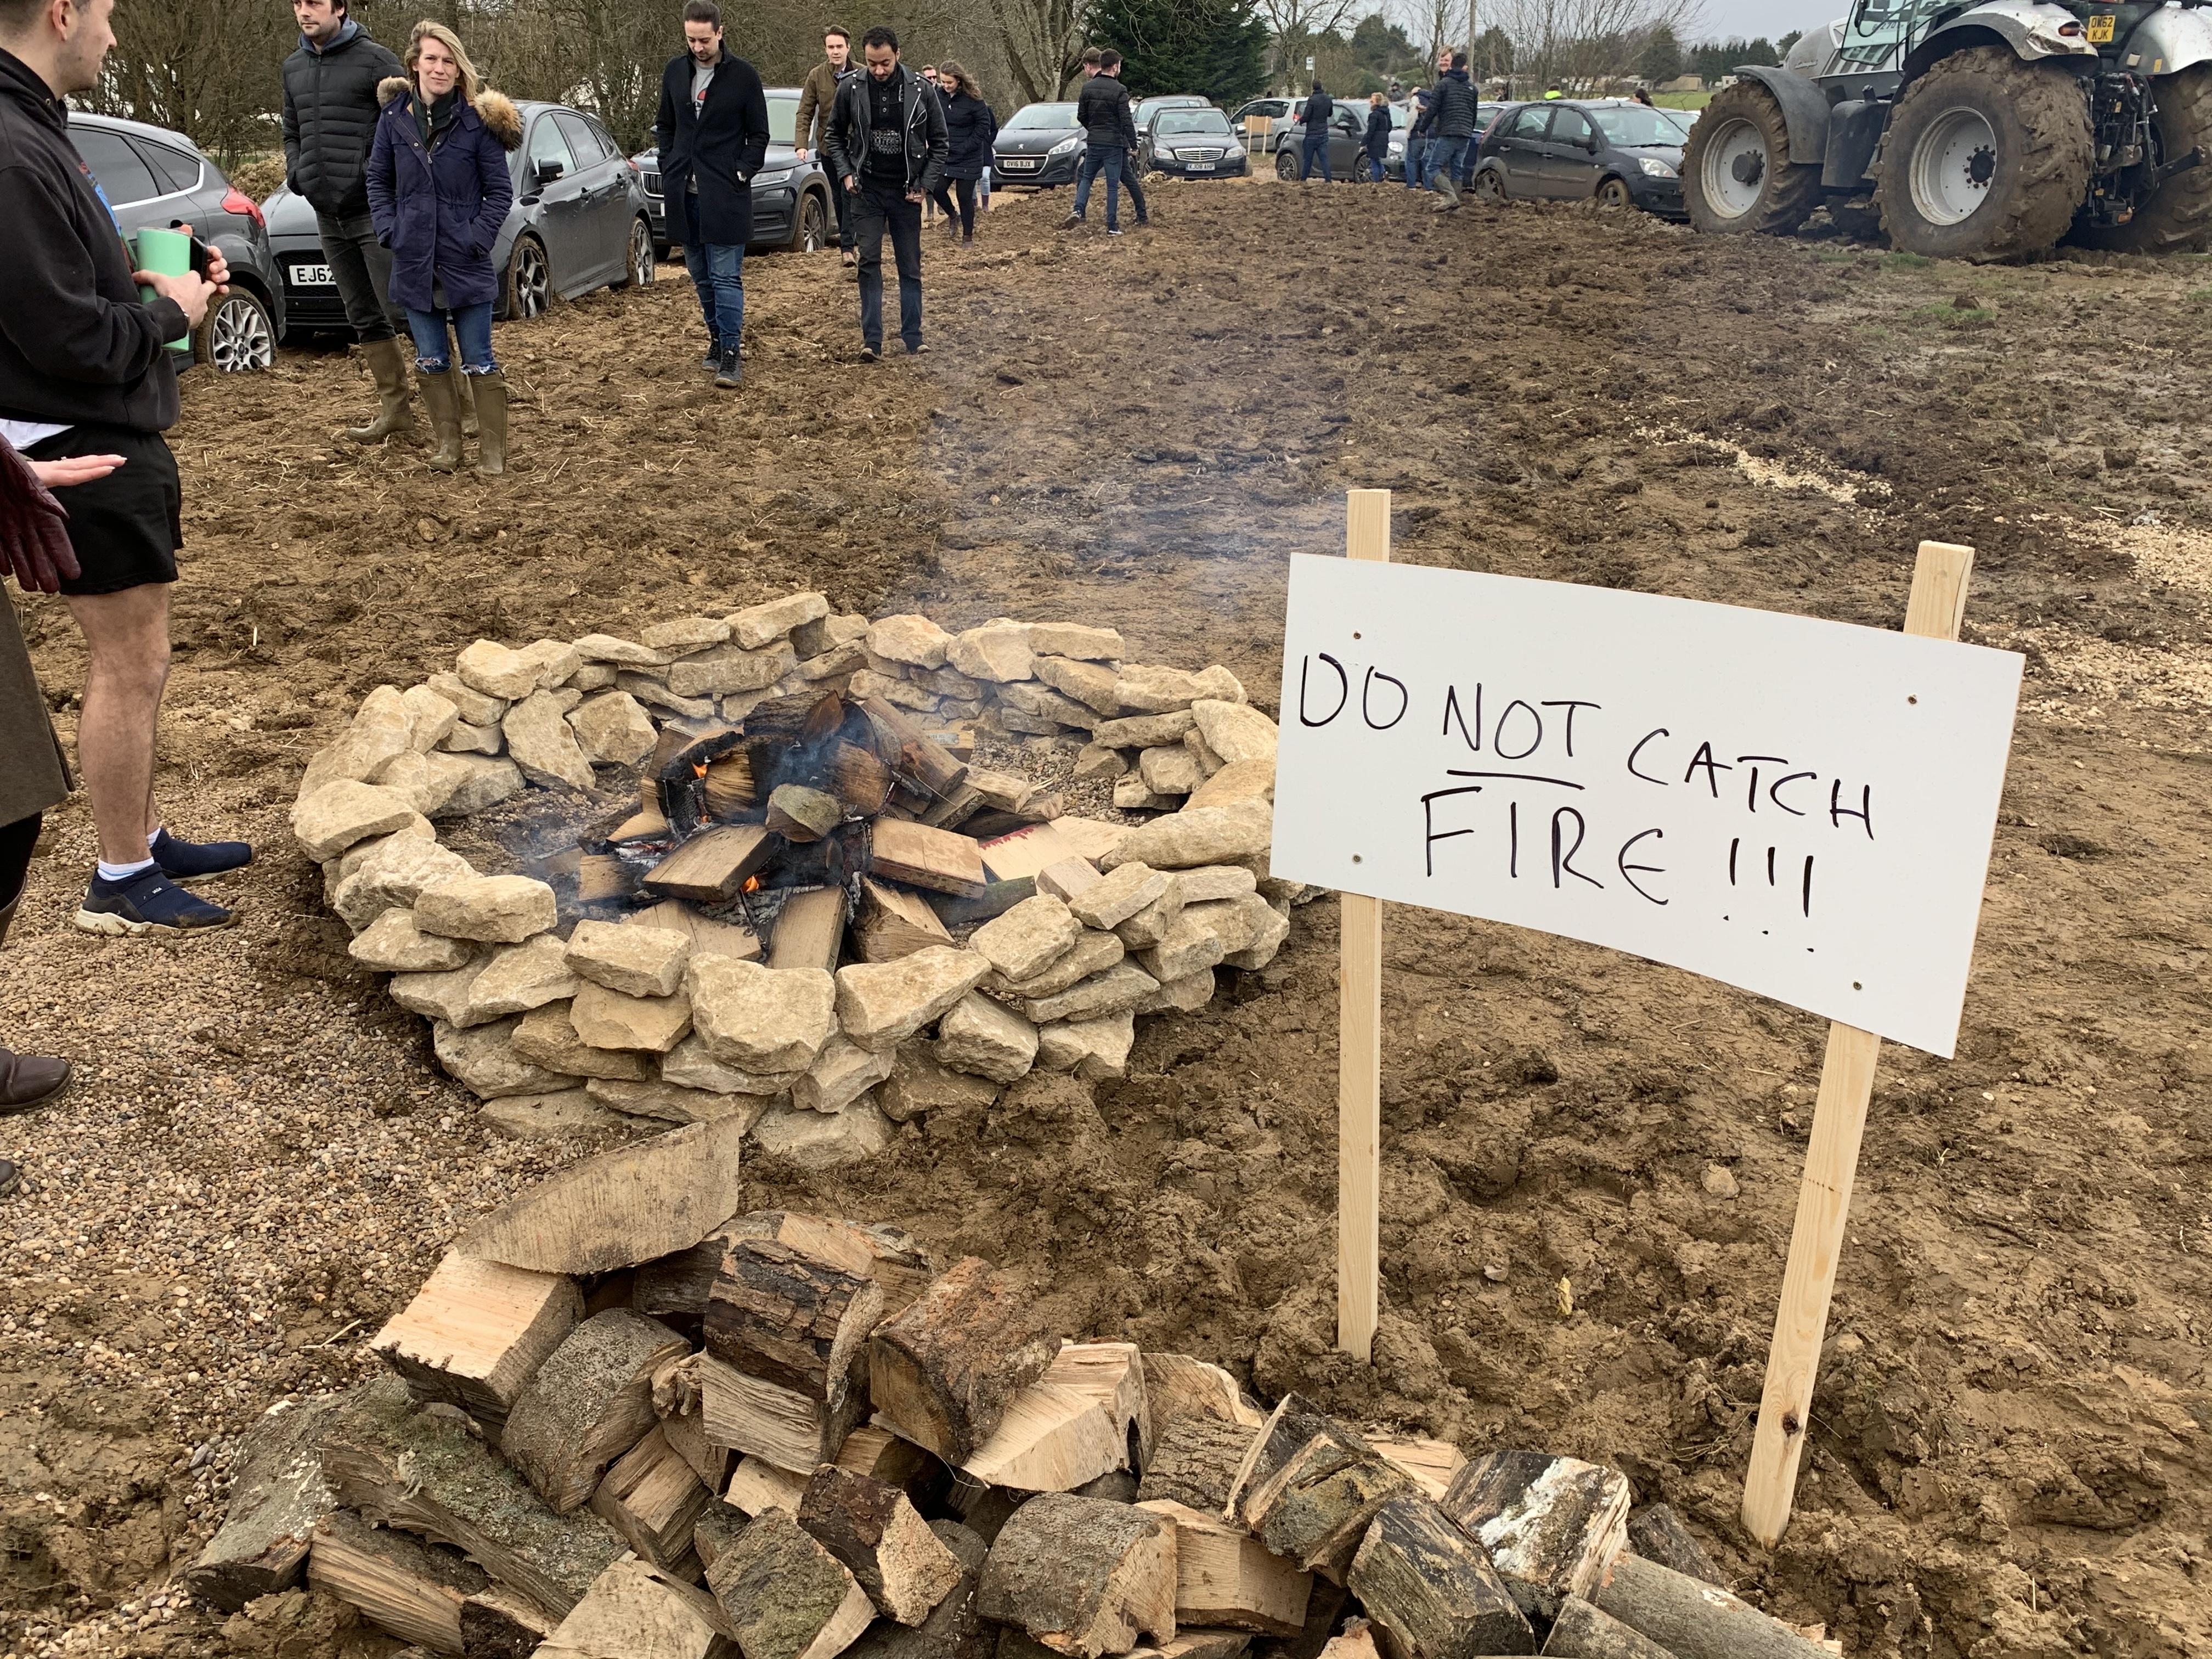 Safety signs outside Jeremy Clarkson's farm shop